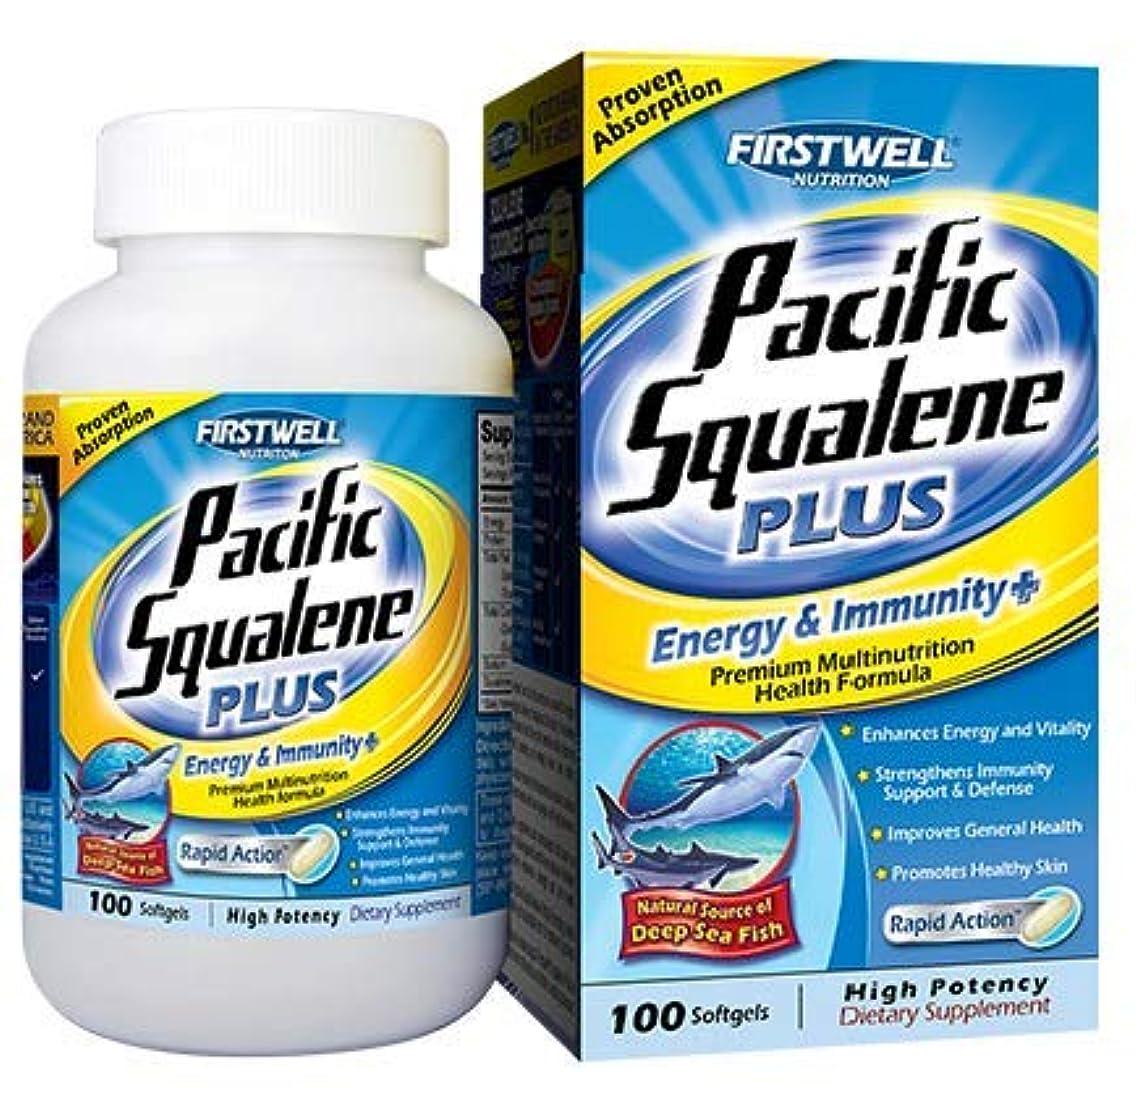 短命口径アッパーFIRSTWELL Pacific Squalene 100'S 太平洋スクアレン